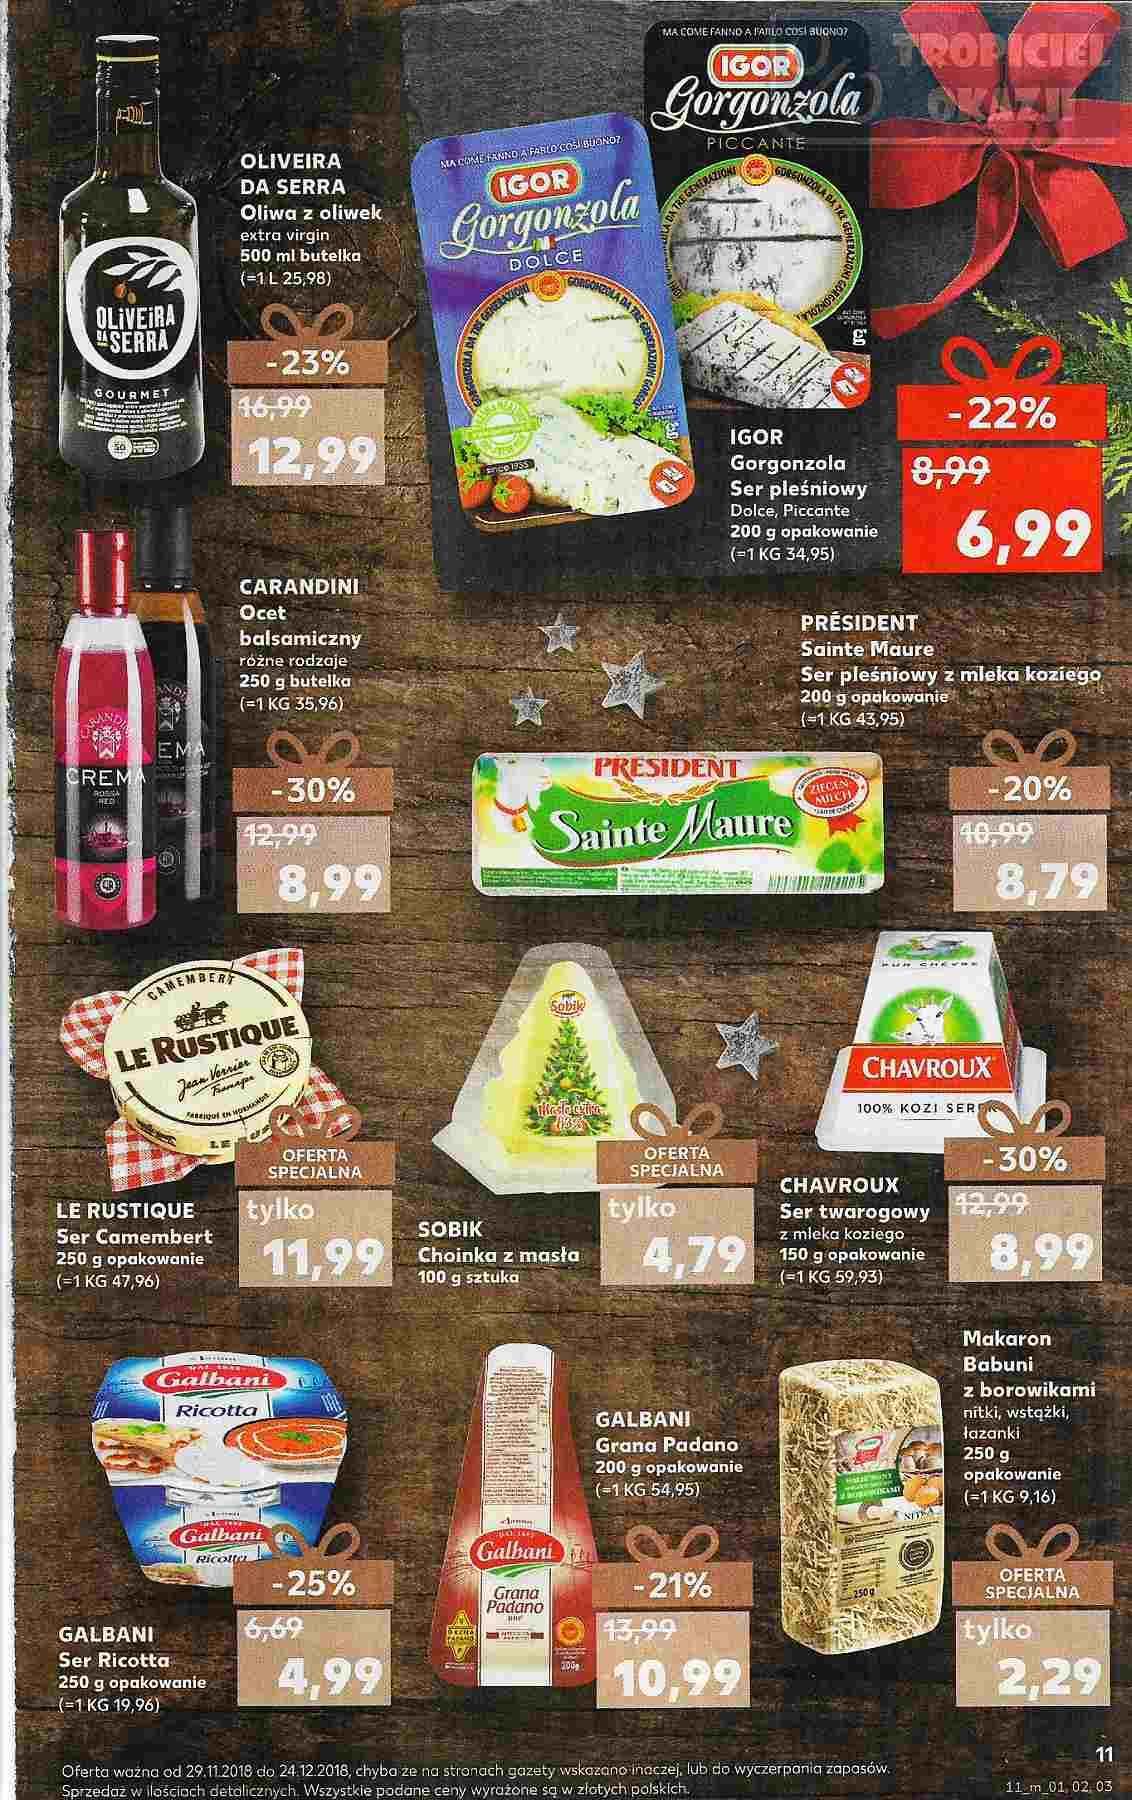 Gazetka promocyjna Kaufland do 24/12/2018 str.11